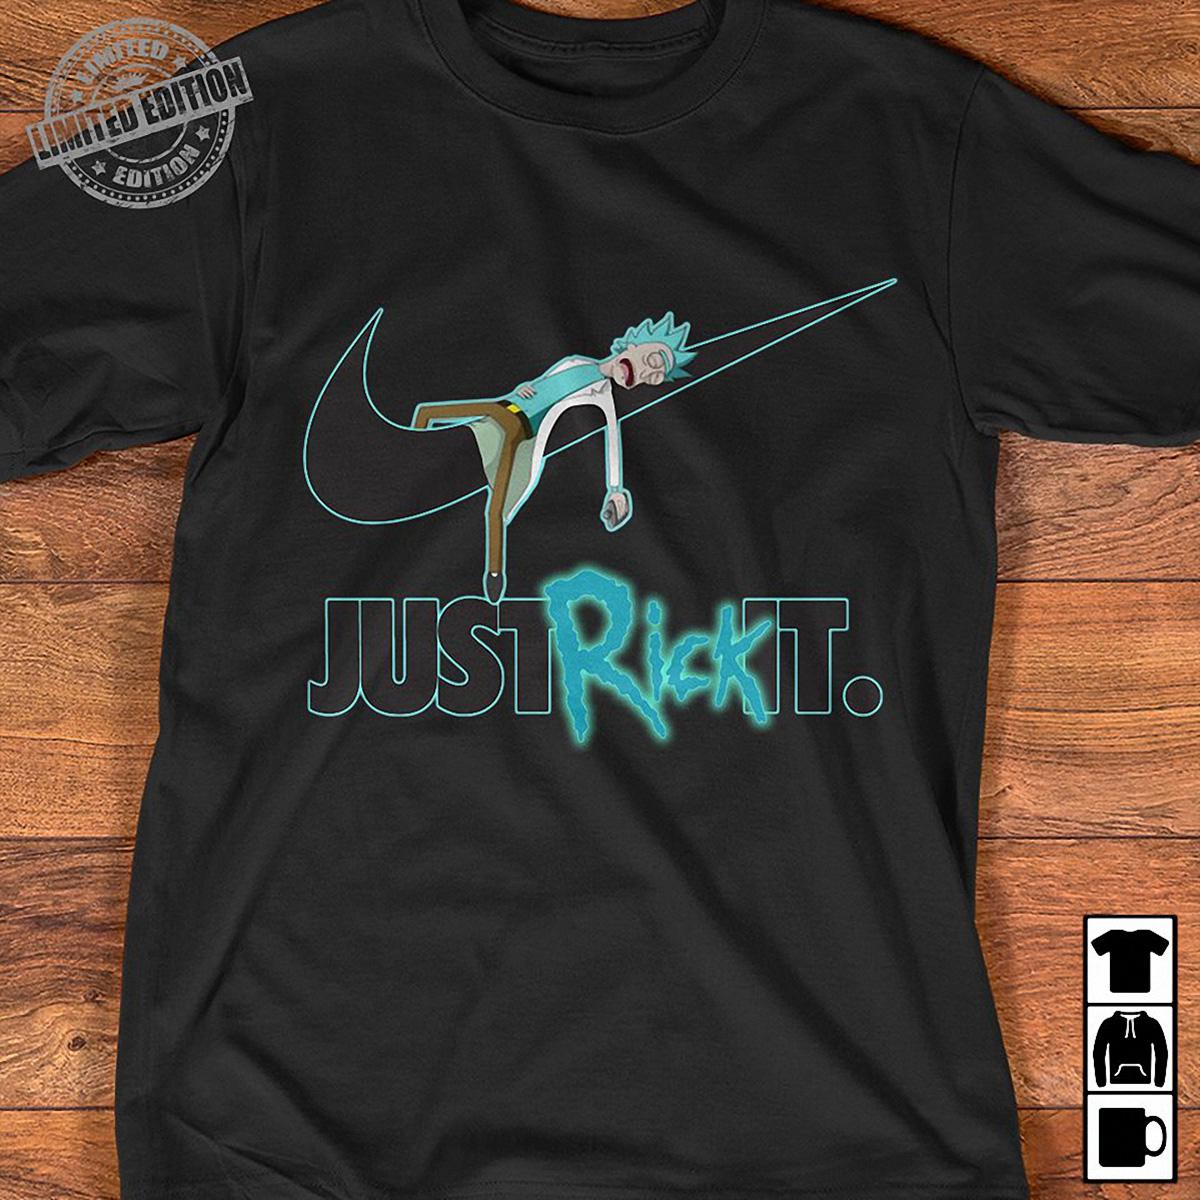 Just Rick it shirt